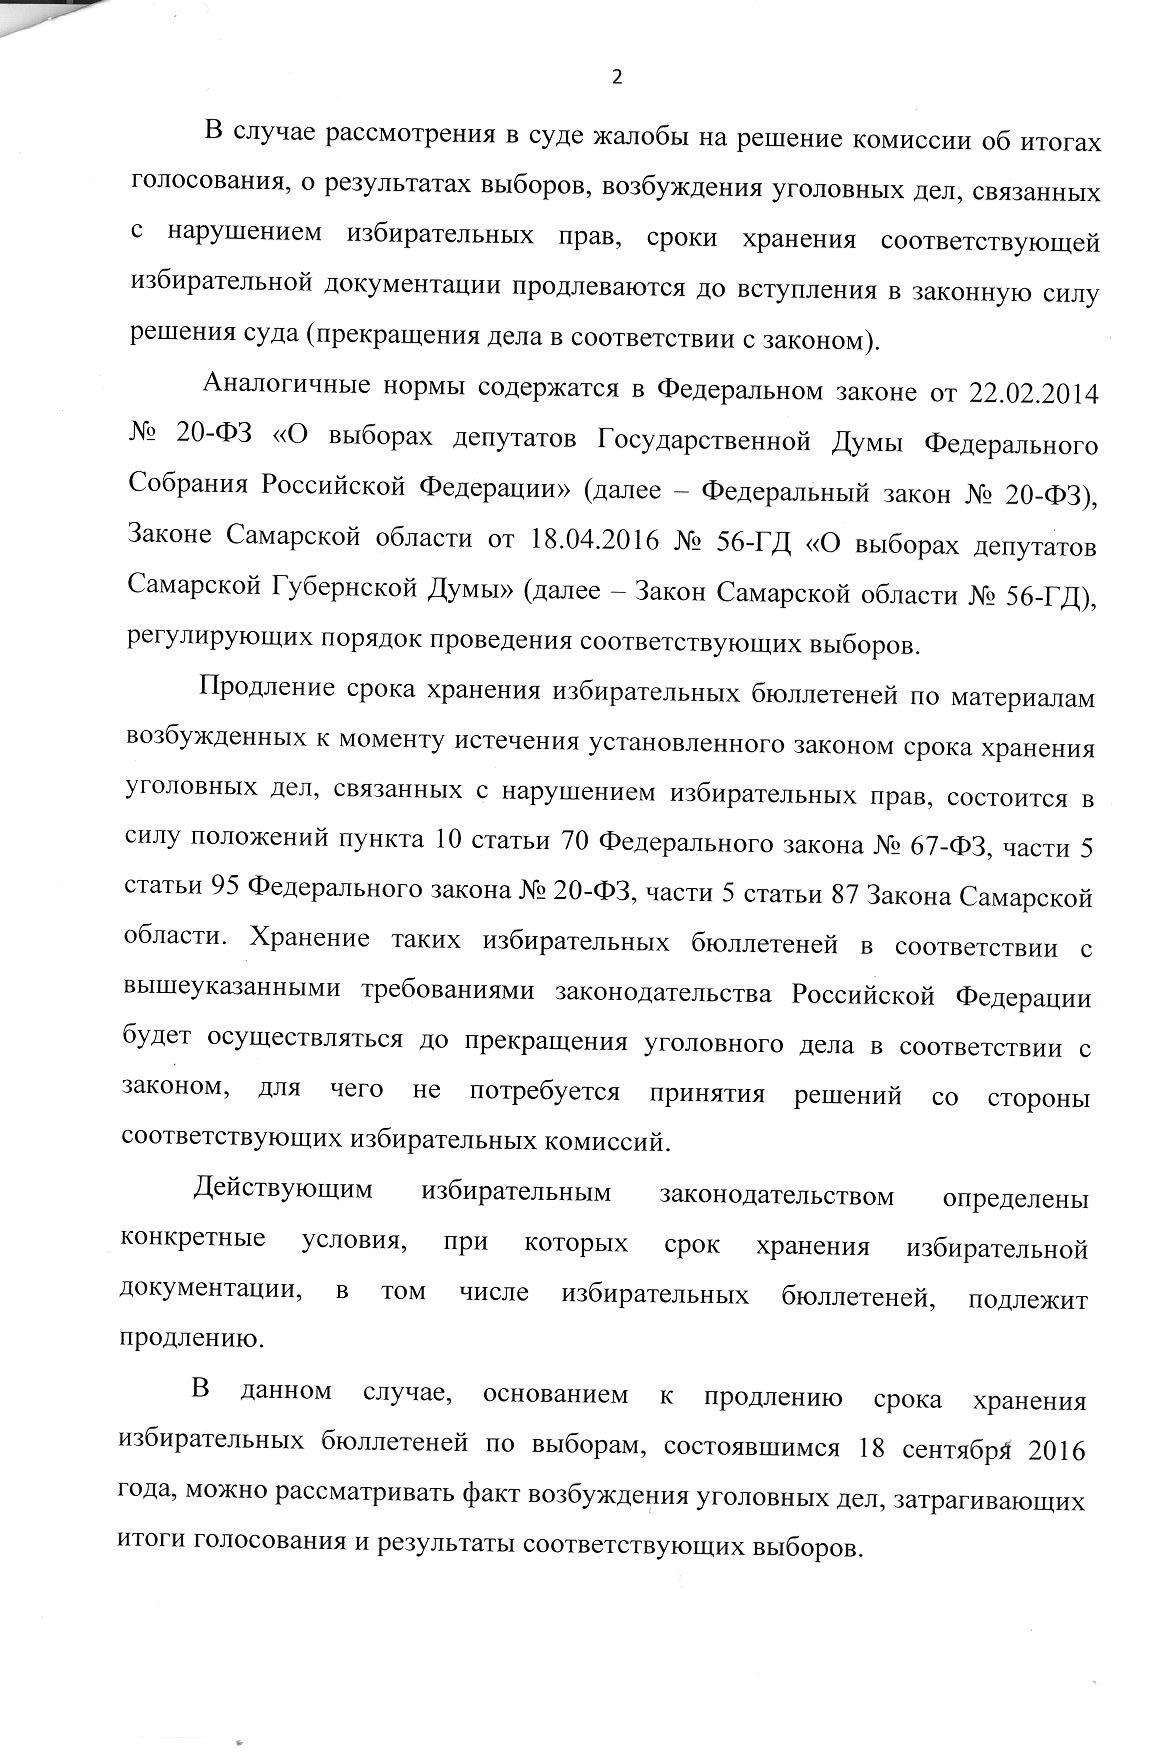 Ответ избирательной комиссии 2.jpg